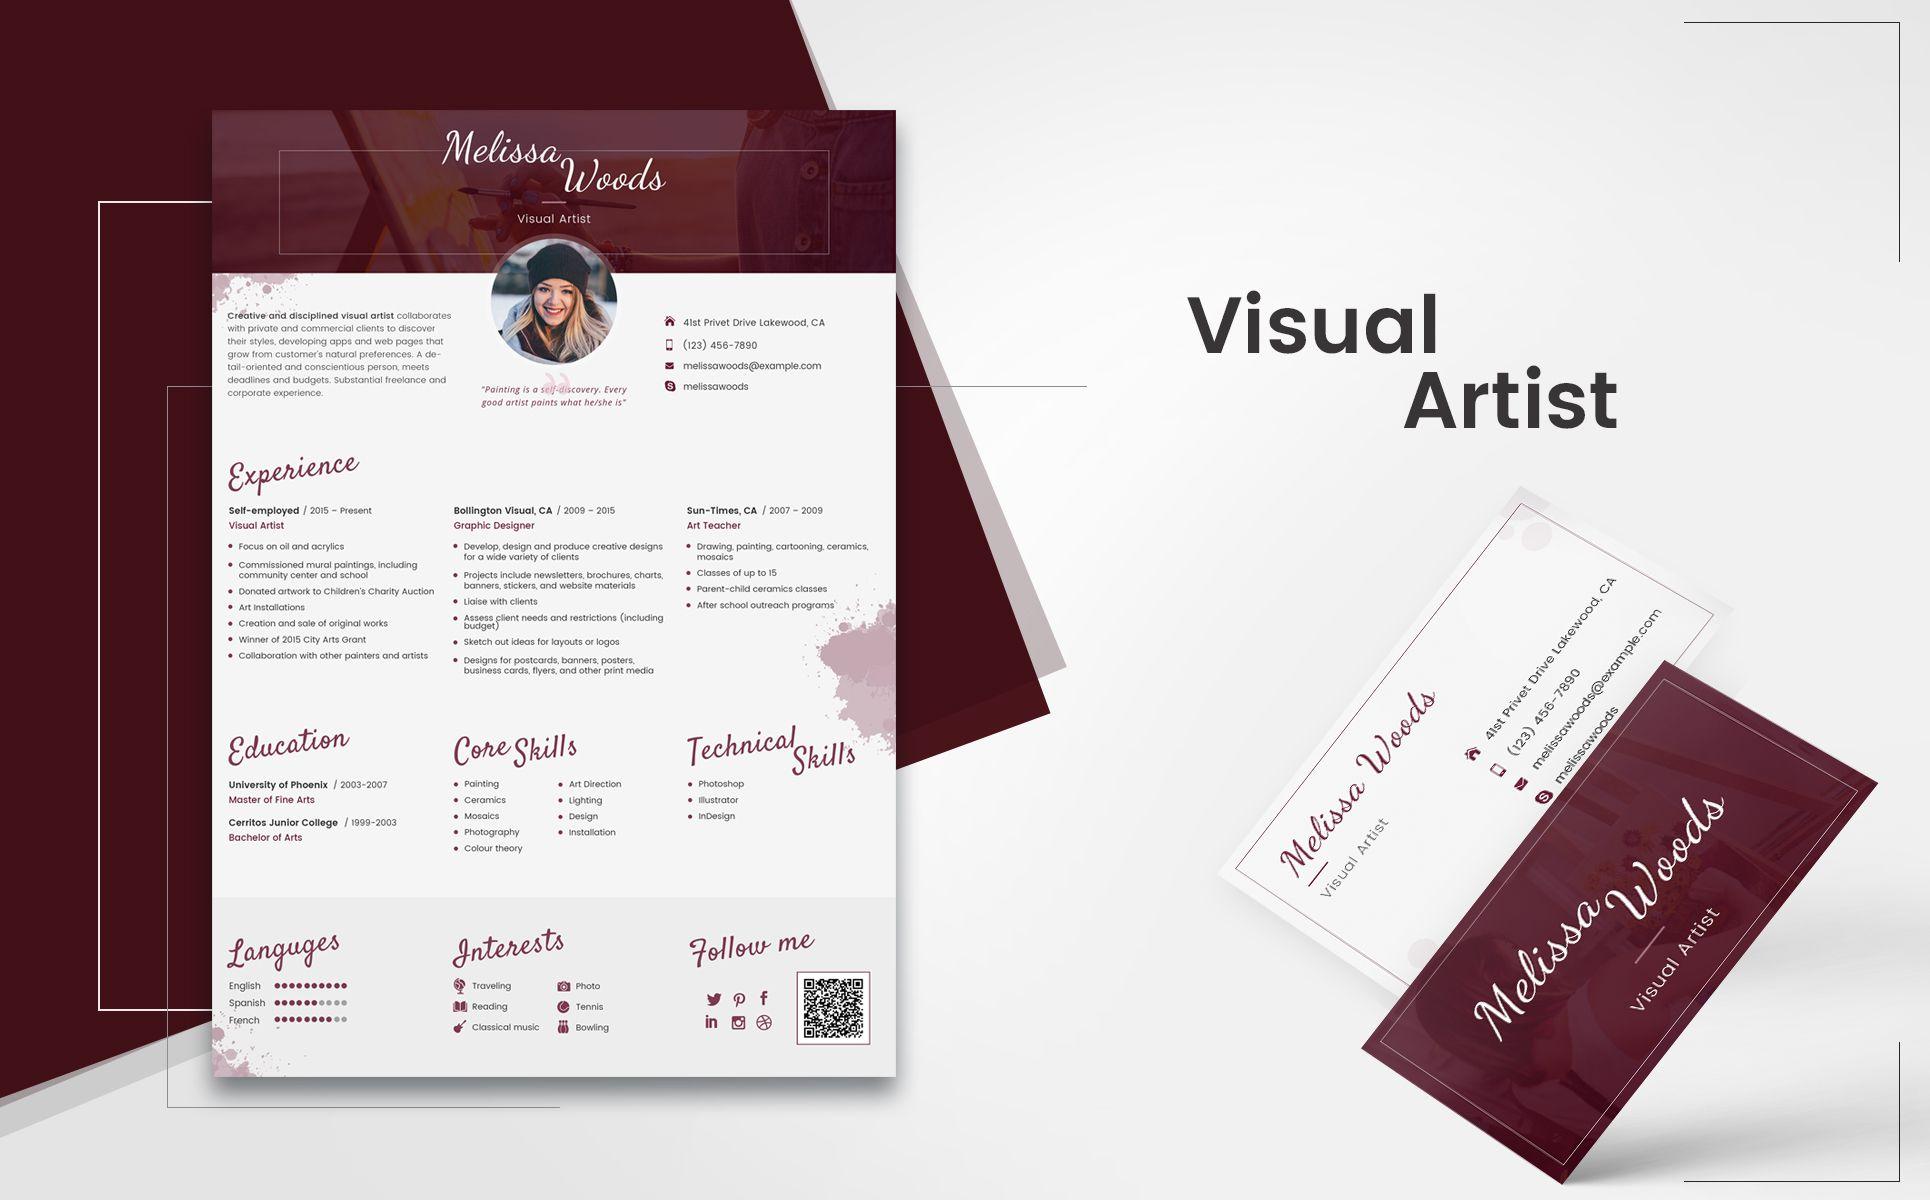 melissa woods visual artist resume template resume visual woods melissa